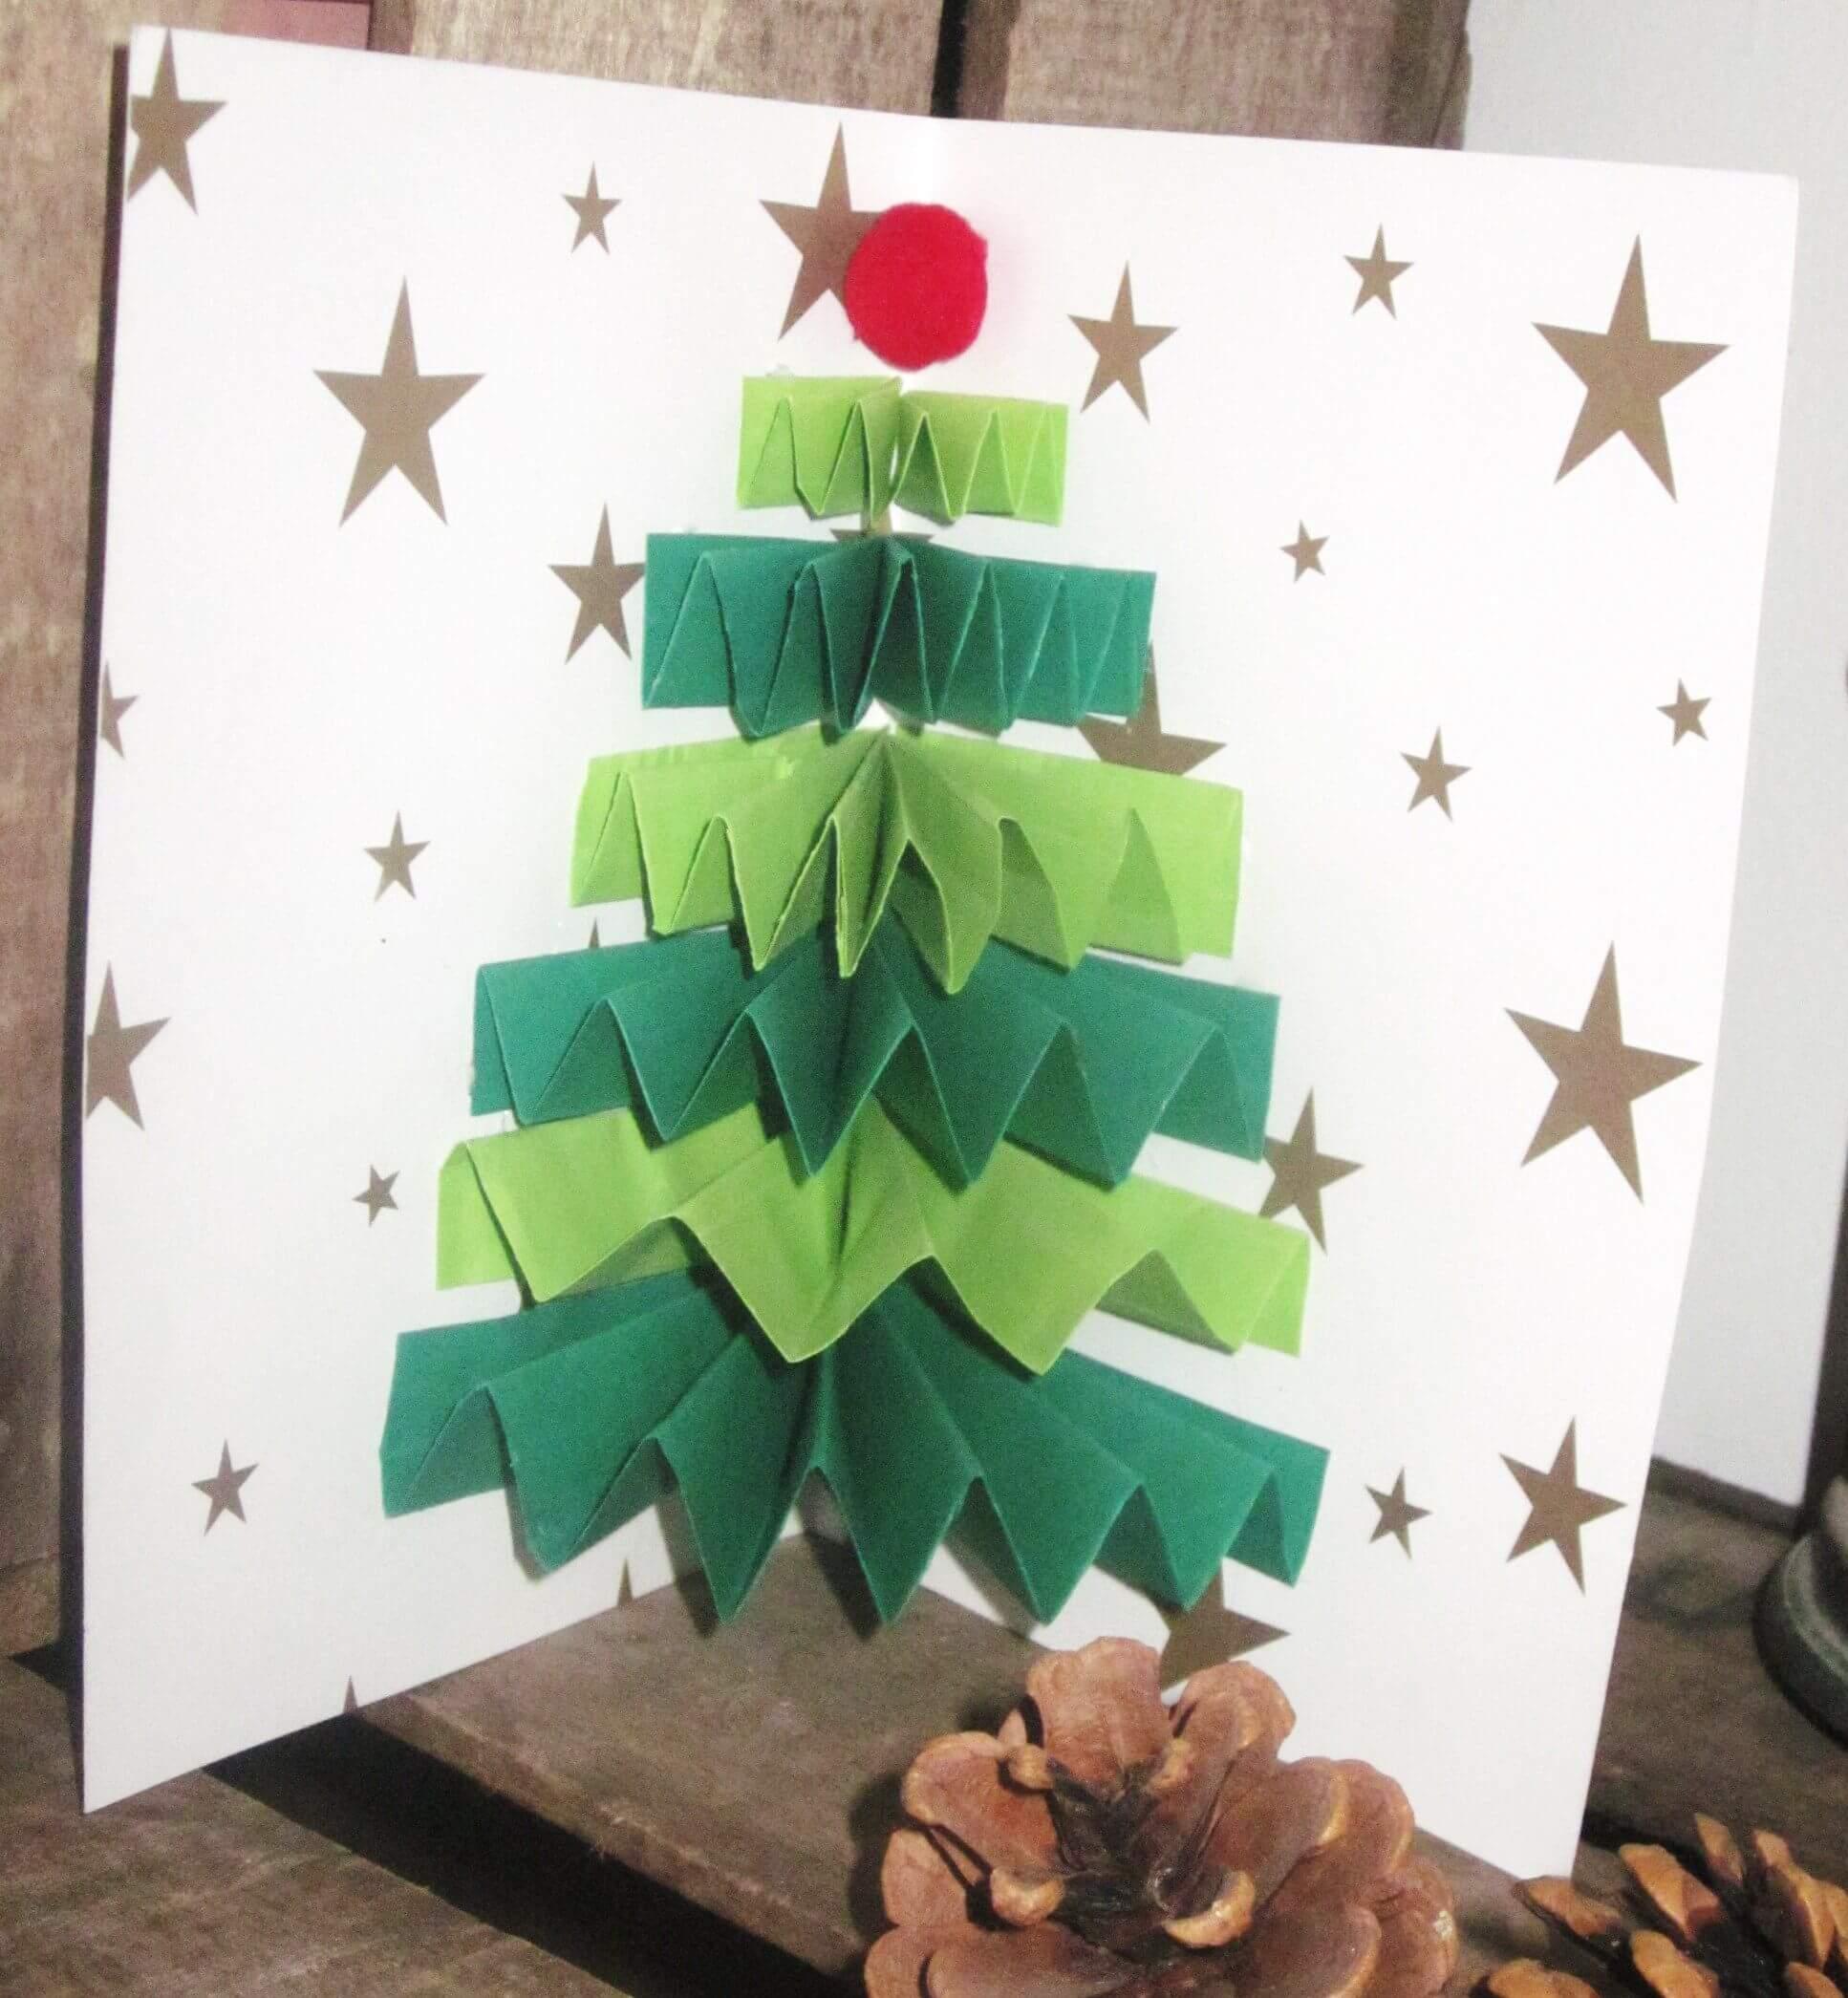 узнать елка из бумаги своими руками на открытке прошлый